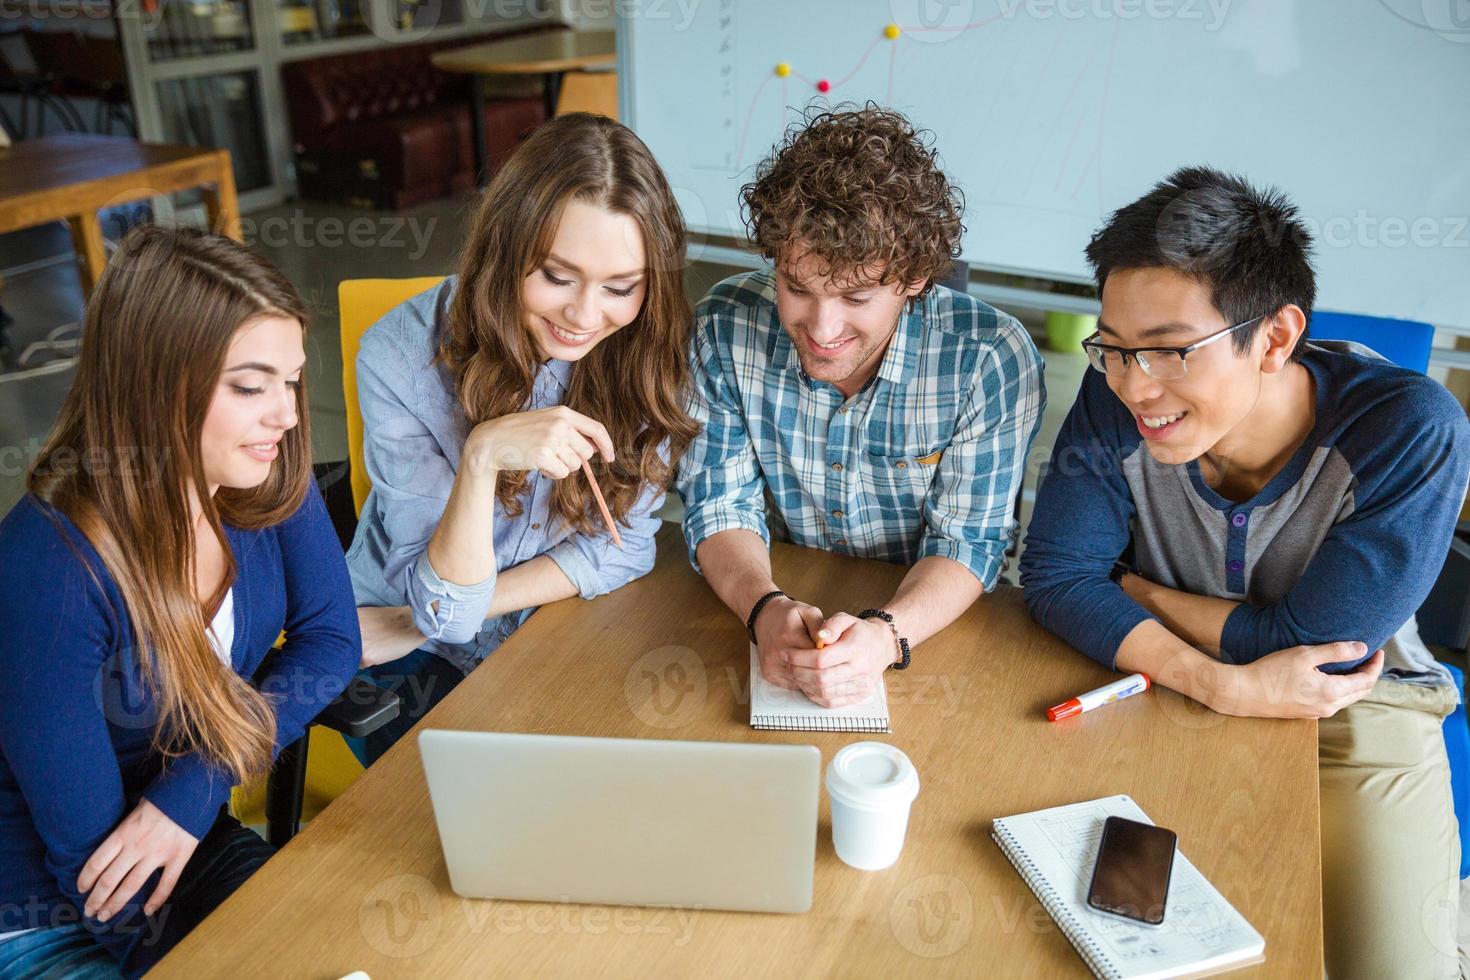 Les gestionnaires discutent de la présentation du nouveau projet au bureau photo